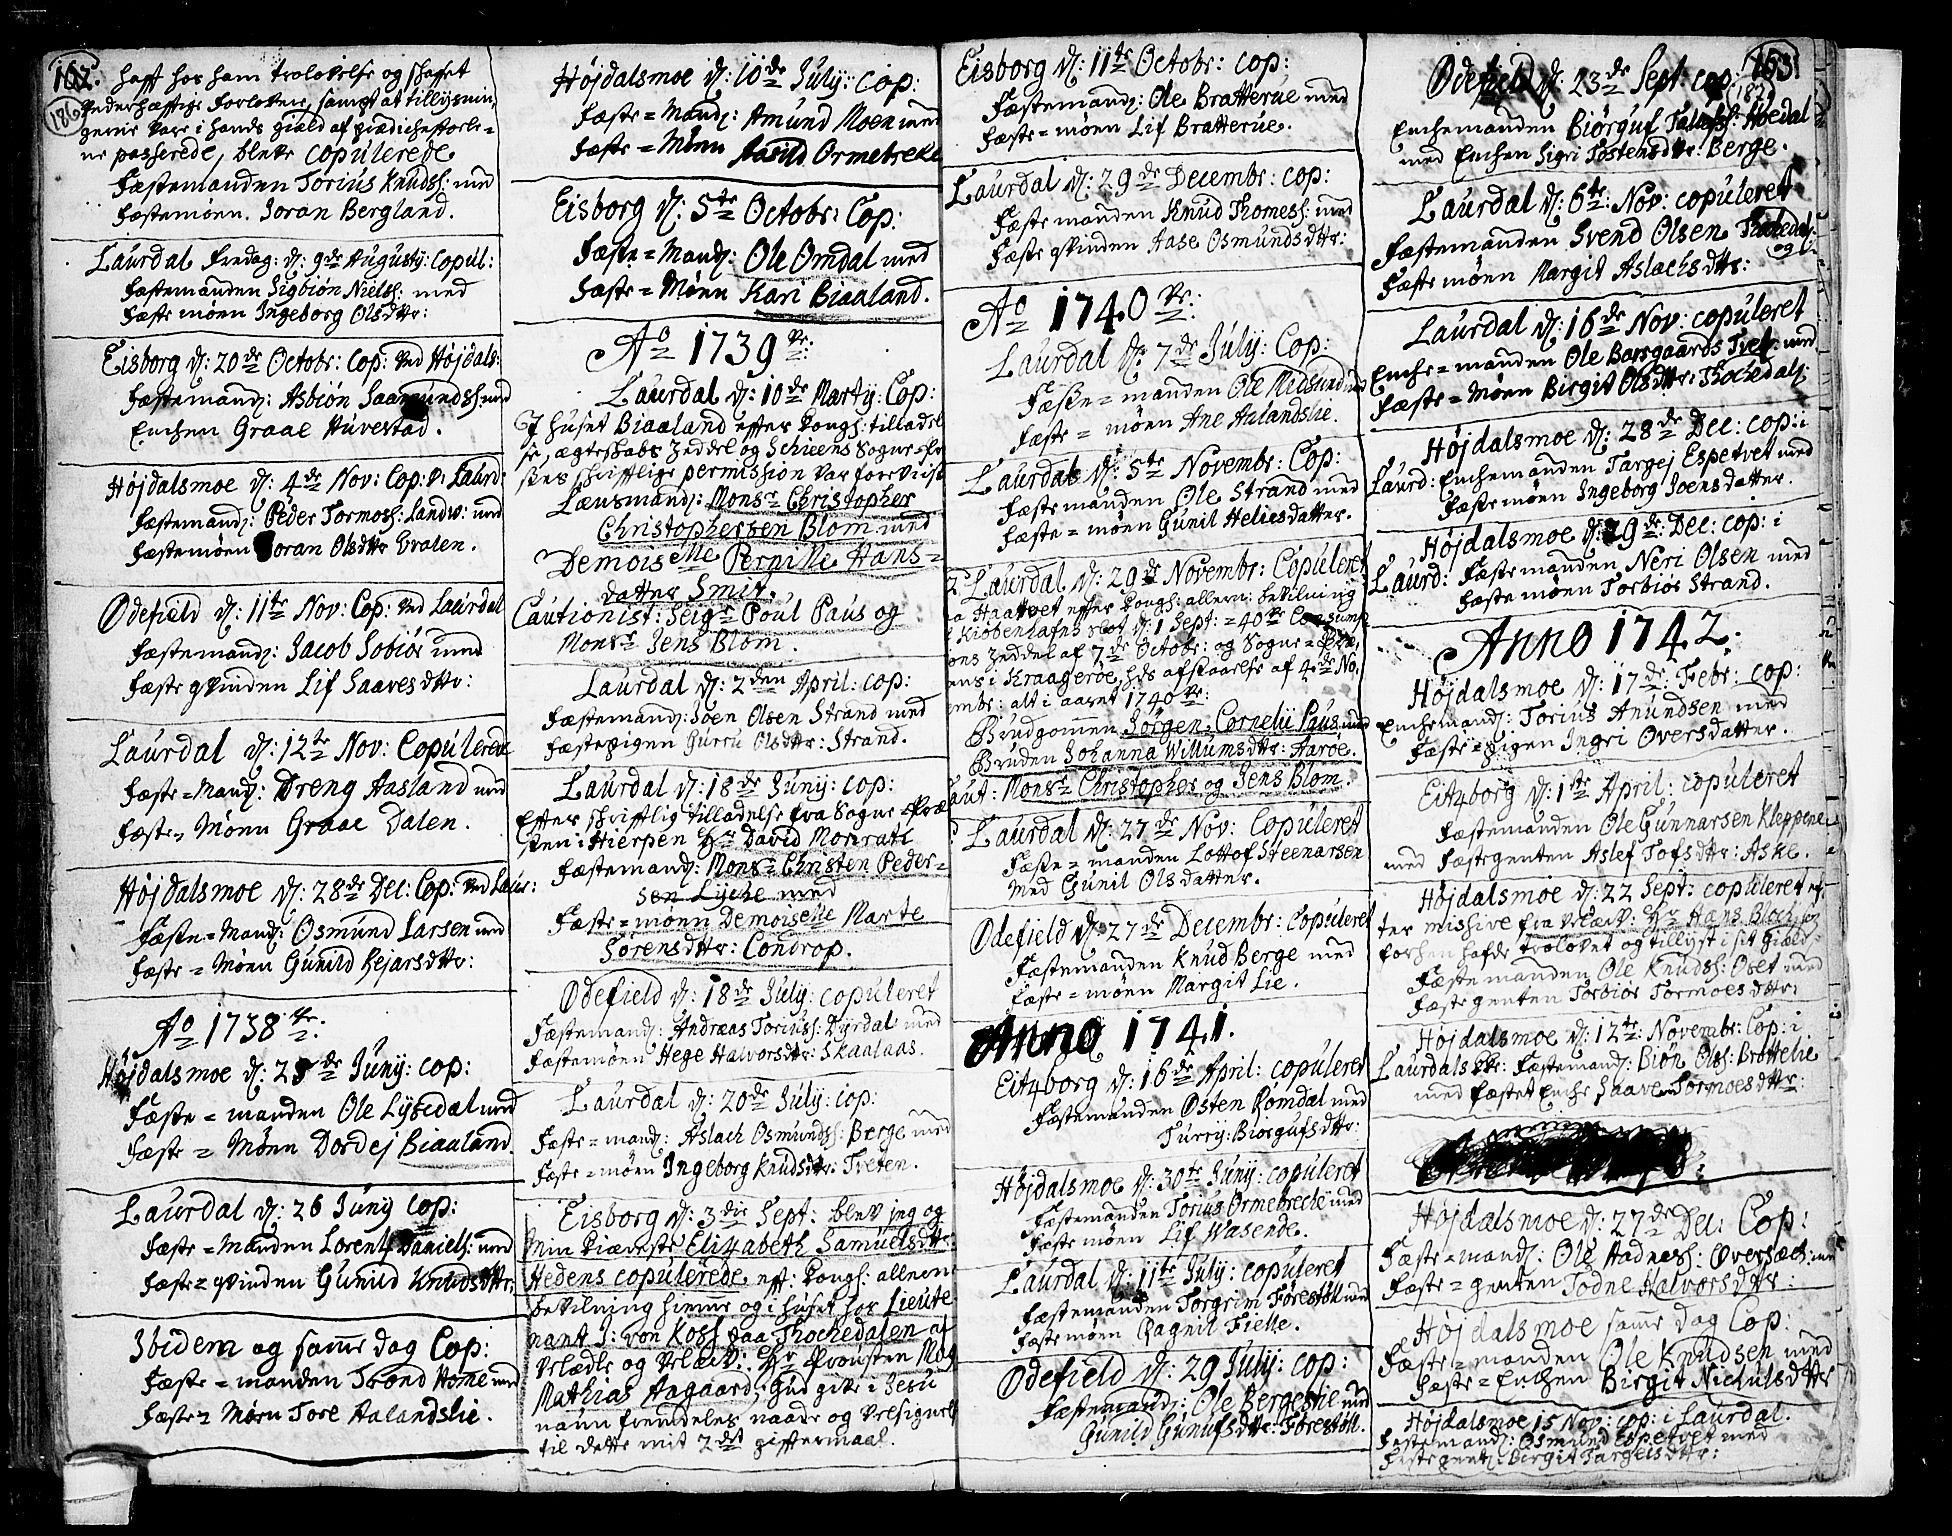 SAKO, Lårdal kirkebøker, F/Fa/L0002: Ministerialbok nr. I 2, 1734-1754, s. 186-187